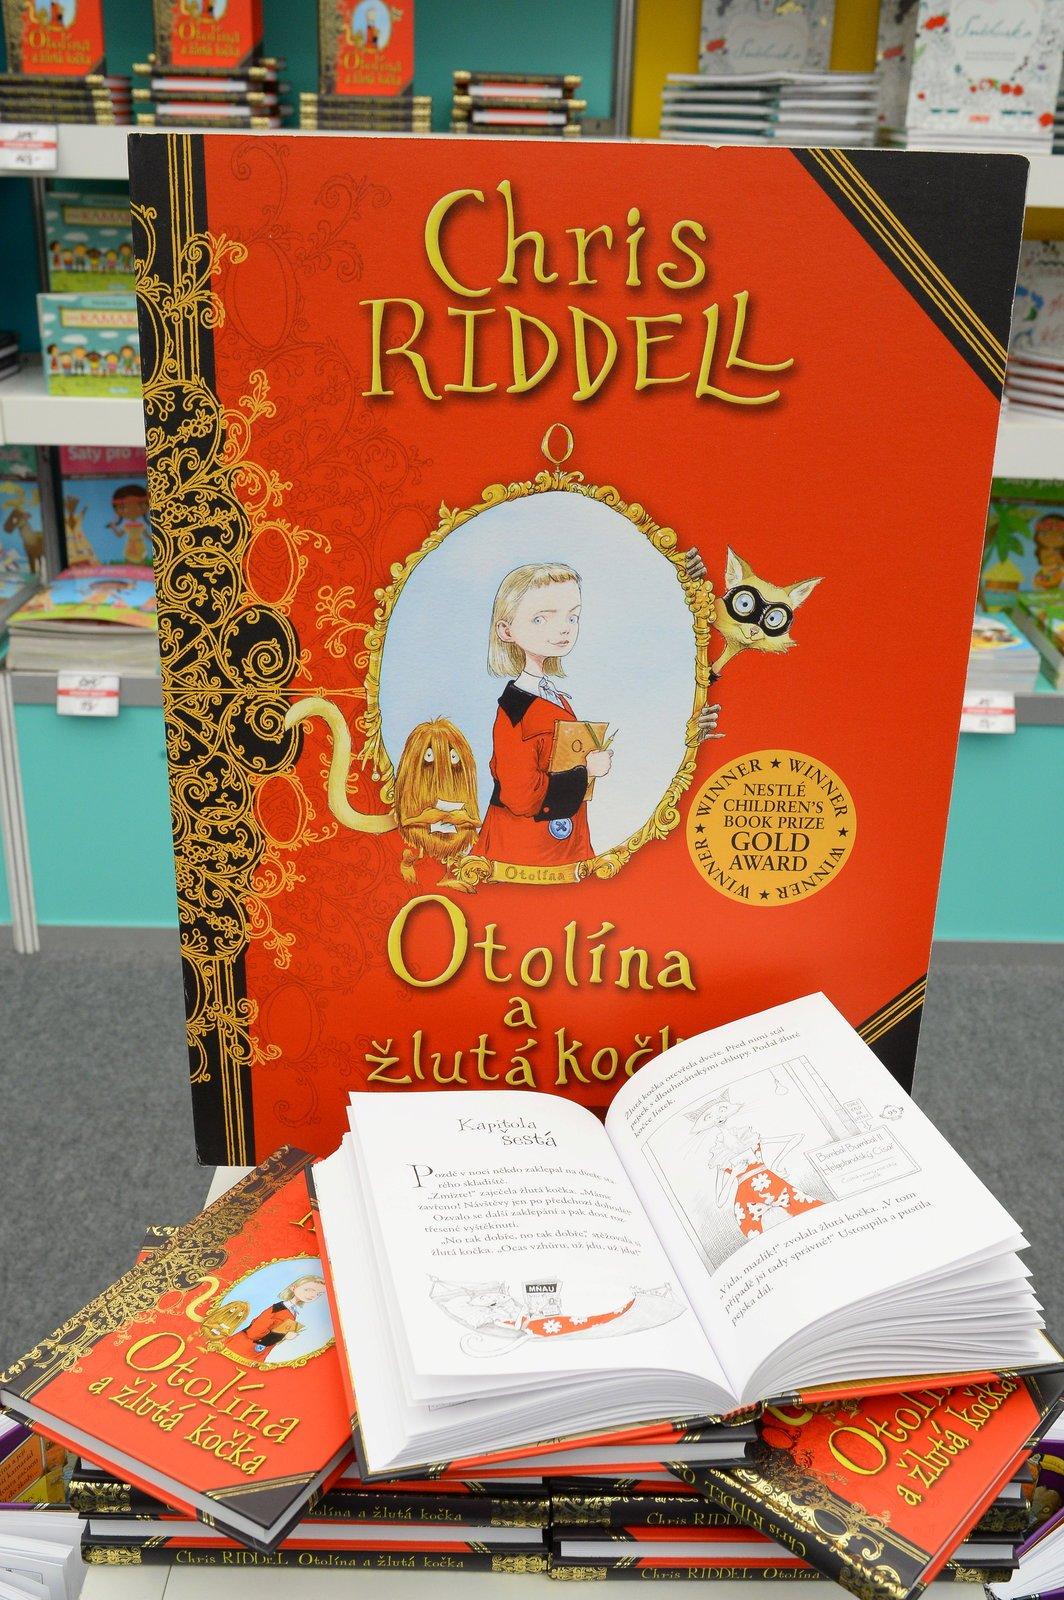 Otolína a žlutá kočka. Cena: 169 Kč. Malí čtenáři ocení příběh o dívce Otolíně, která se svým nerozlučným kamarádem Mourou zažívá různá dobrodružství.